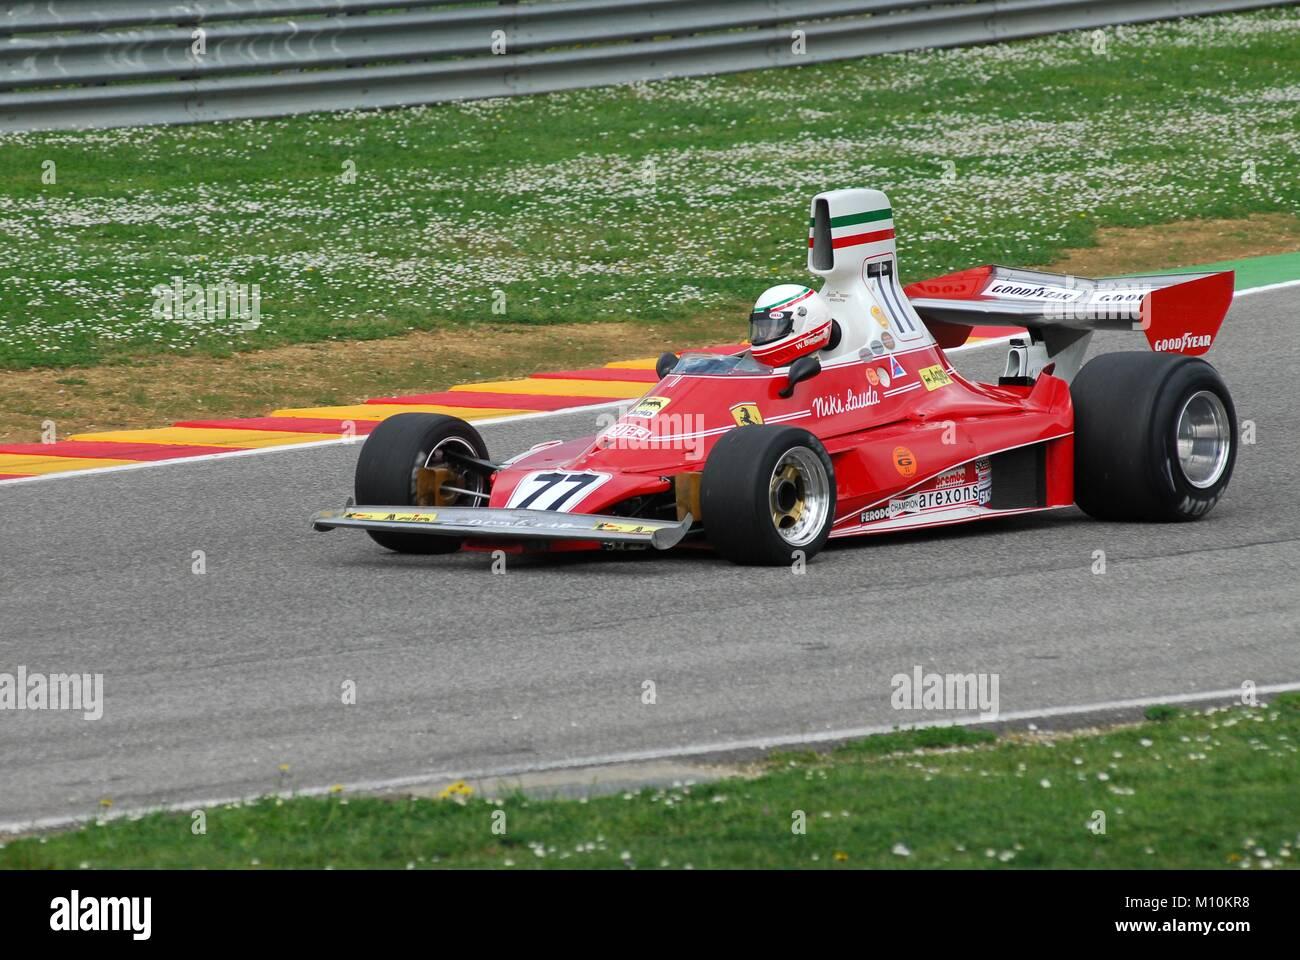 Circuito Del Mugello : Sul circuito del mugello il 1 aprile 2007: sconosciuto eseguire con